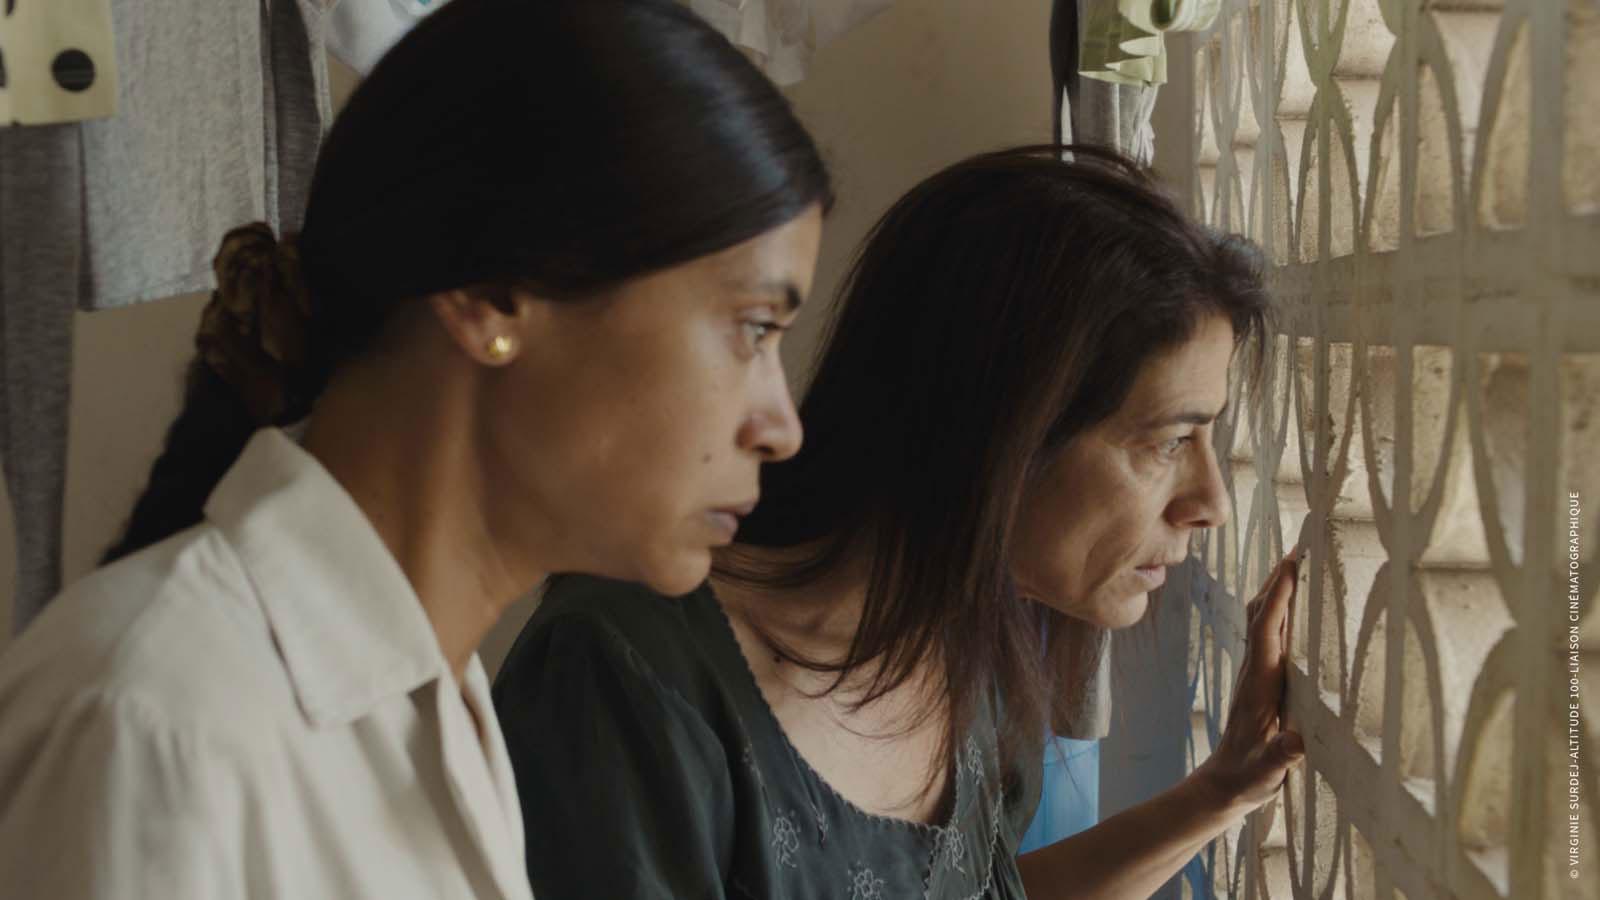 Une famille syrienne, du réalisateur Philippe Van Leeuw, sort en salles le 6 septembre 2017 (photo © KMBO)